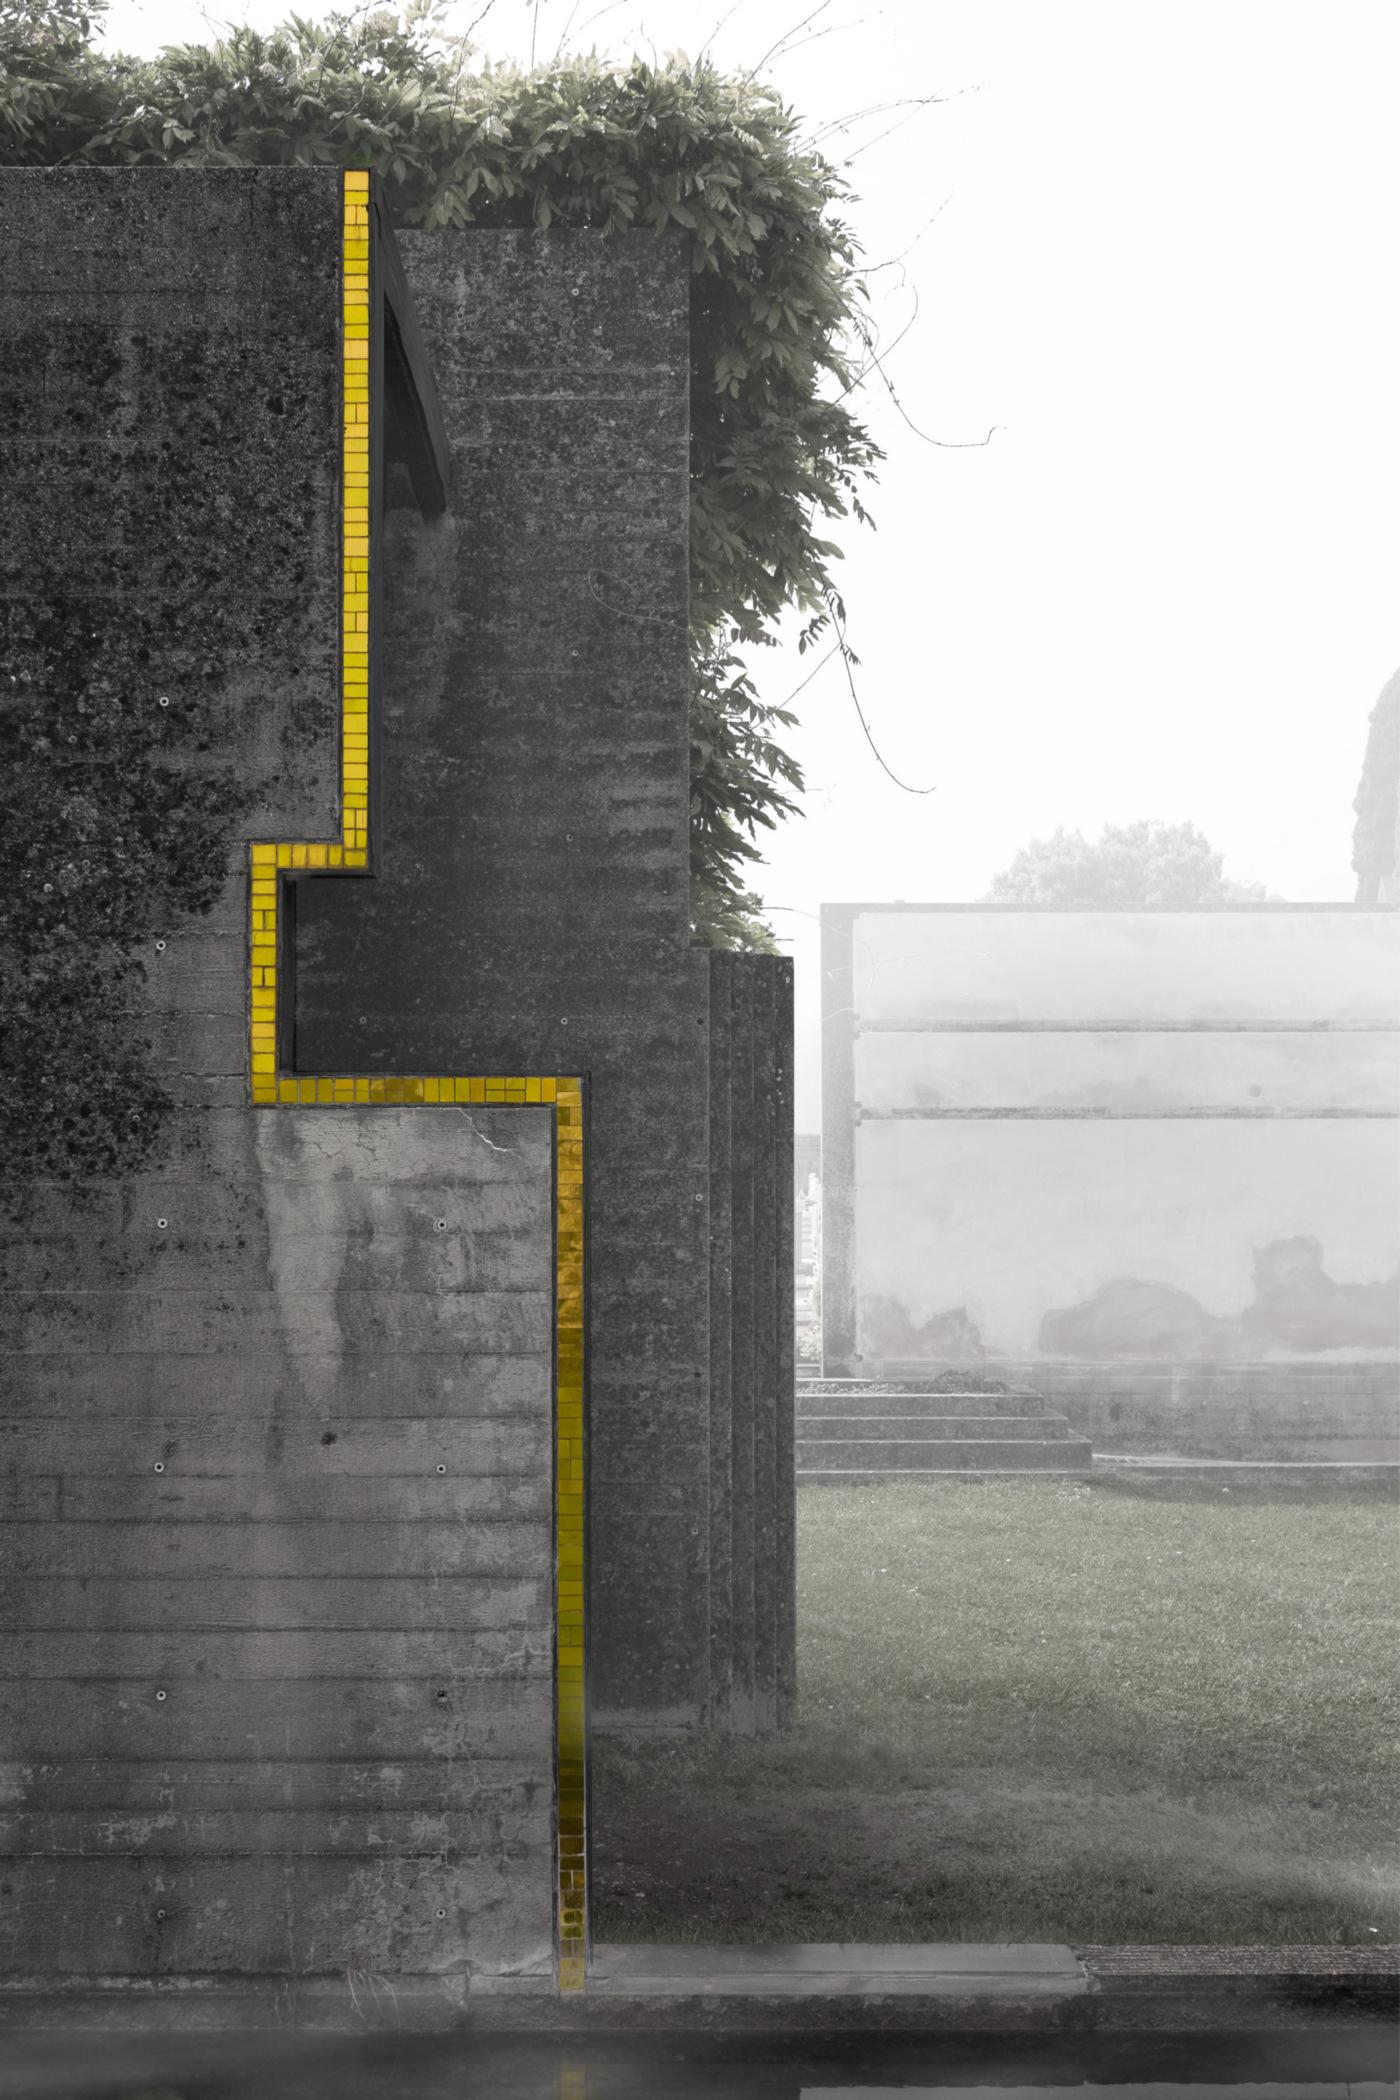 La Tomba Brion di Carlo Scarpa nelle fotografie di Carlo Deregibus | isola quarta